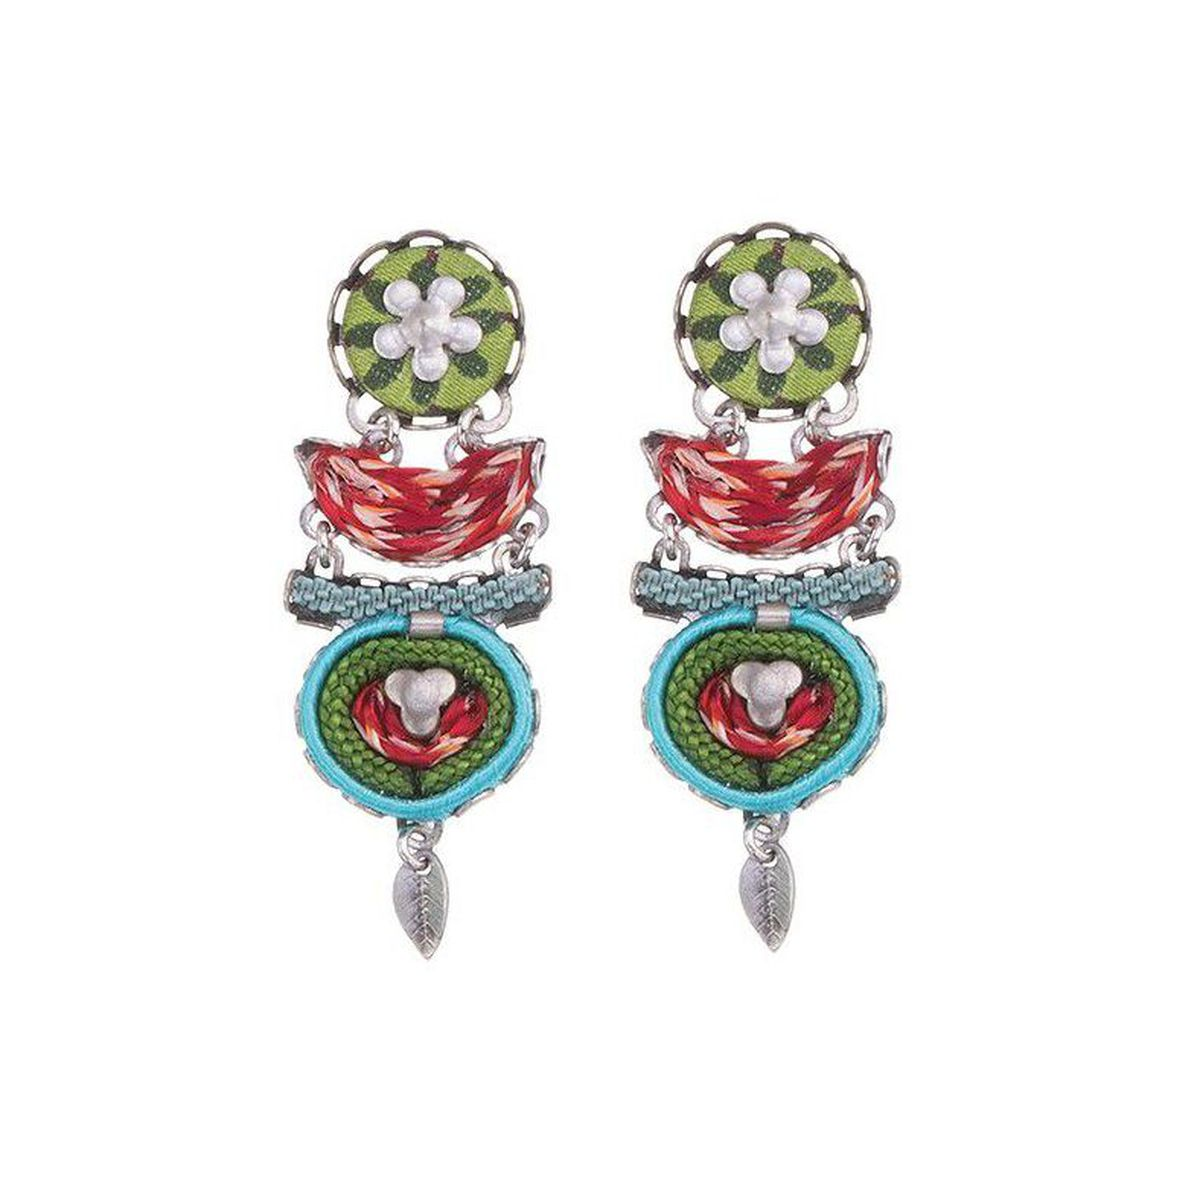 Granda, Batlan Earrings Green AyalaBar